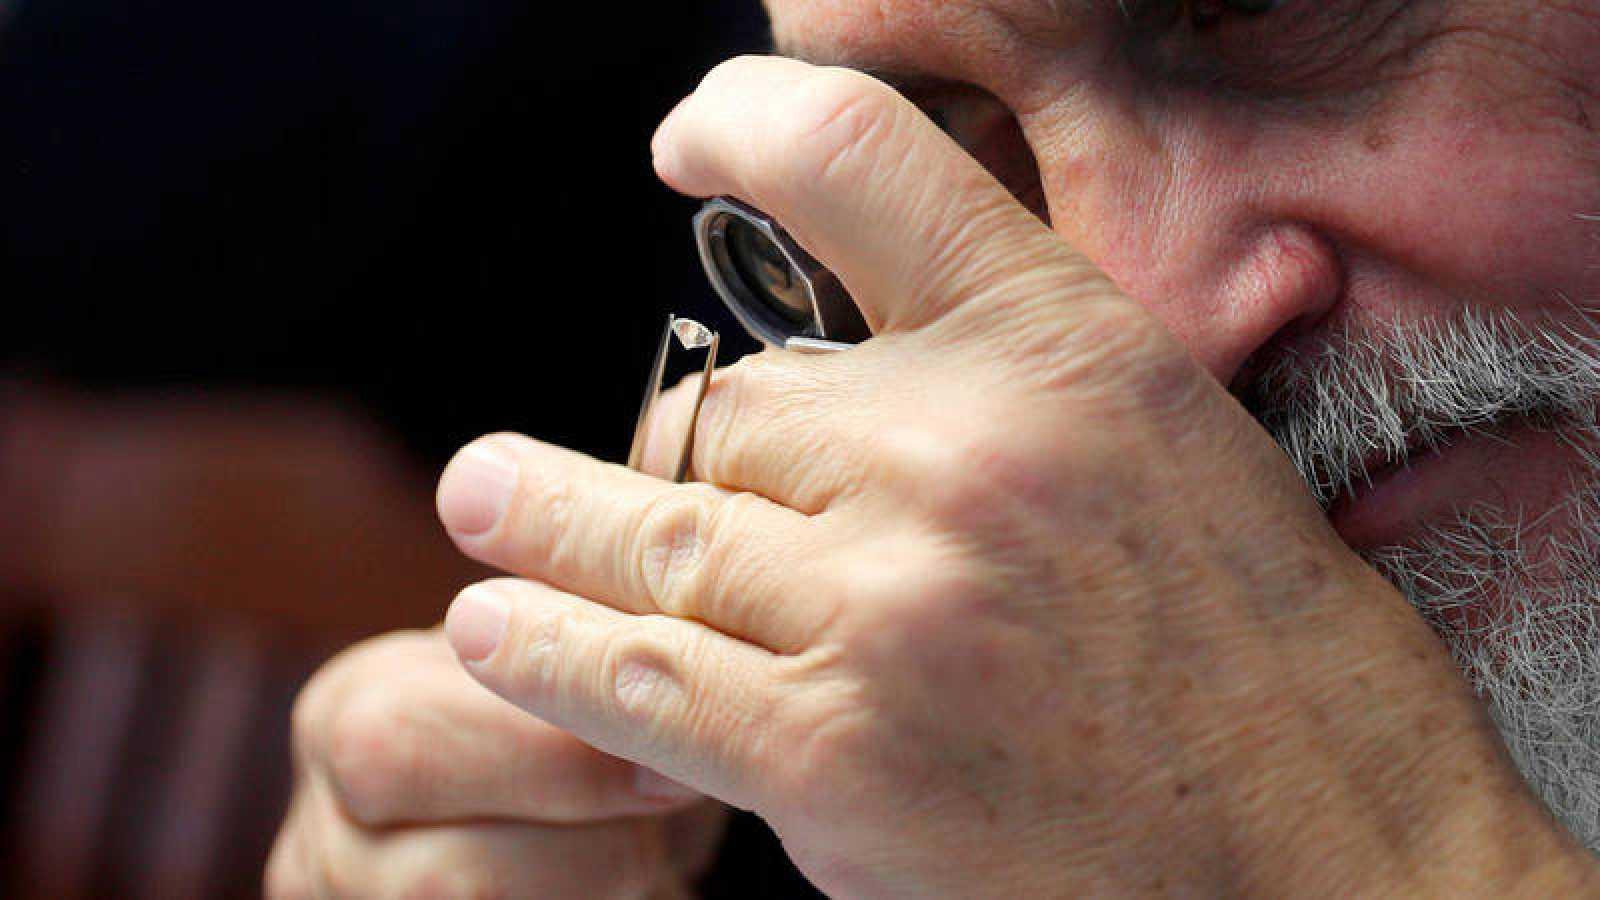 Un experto analiza con una lupa especial las características de un diamante.